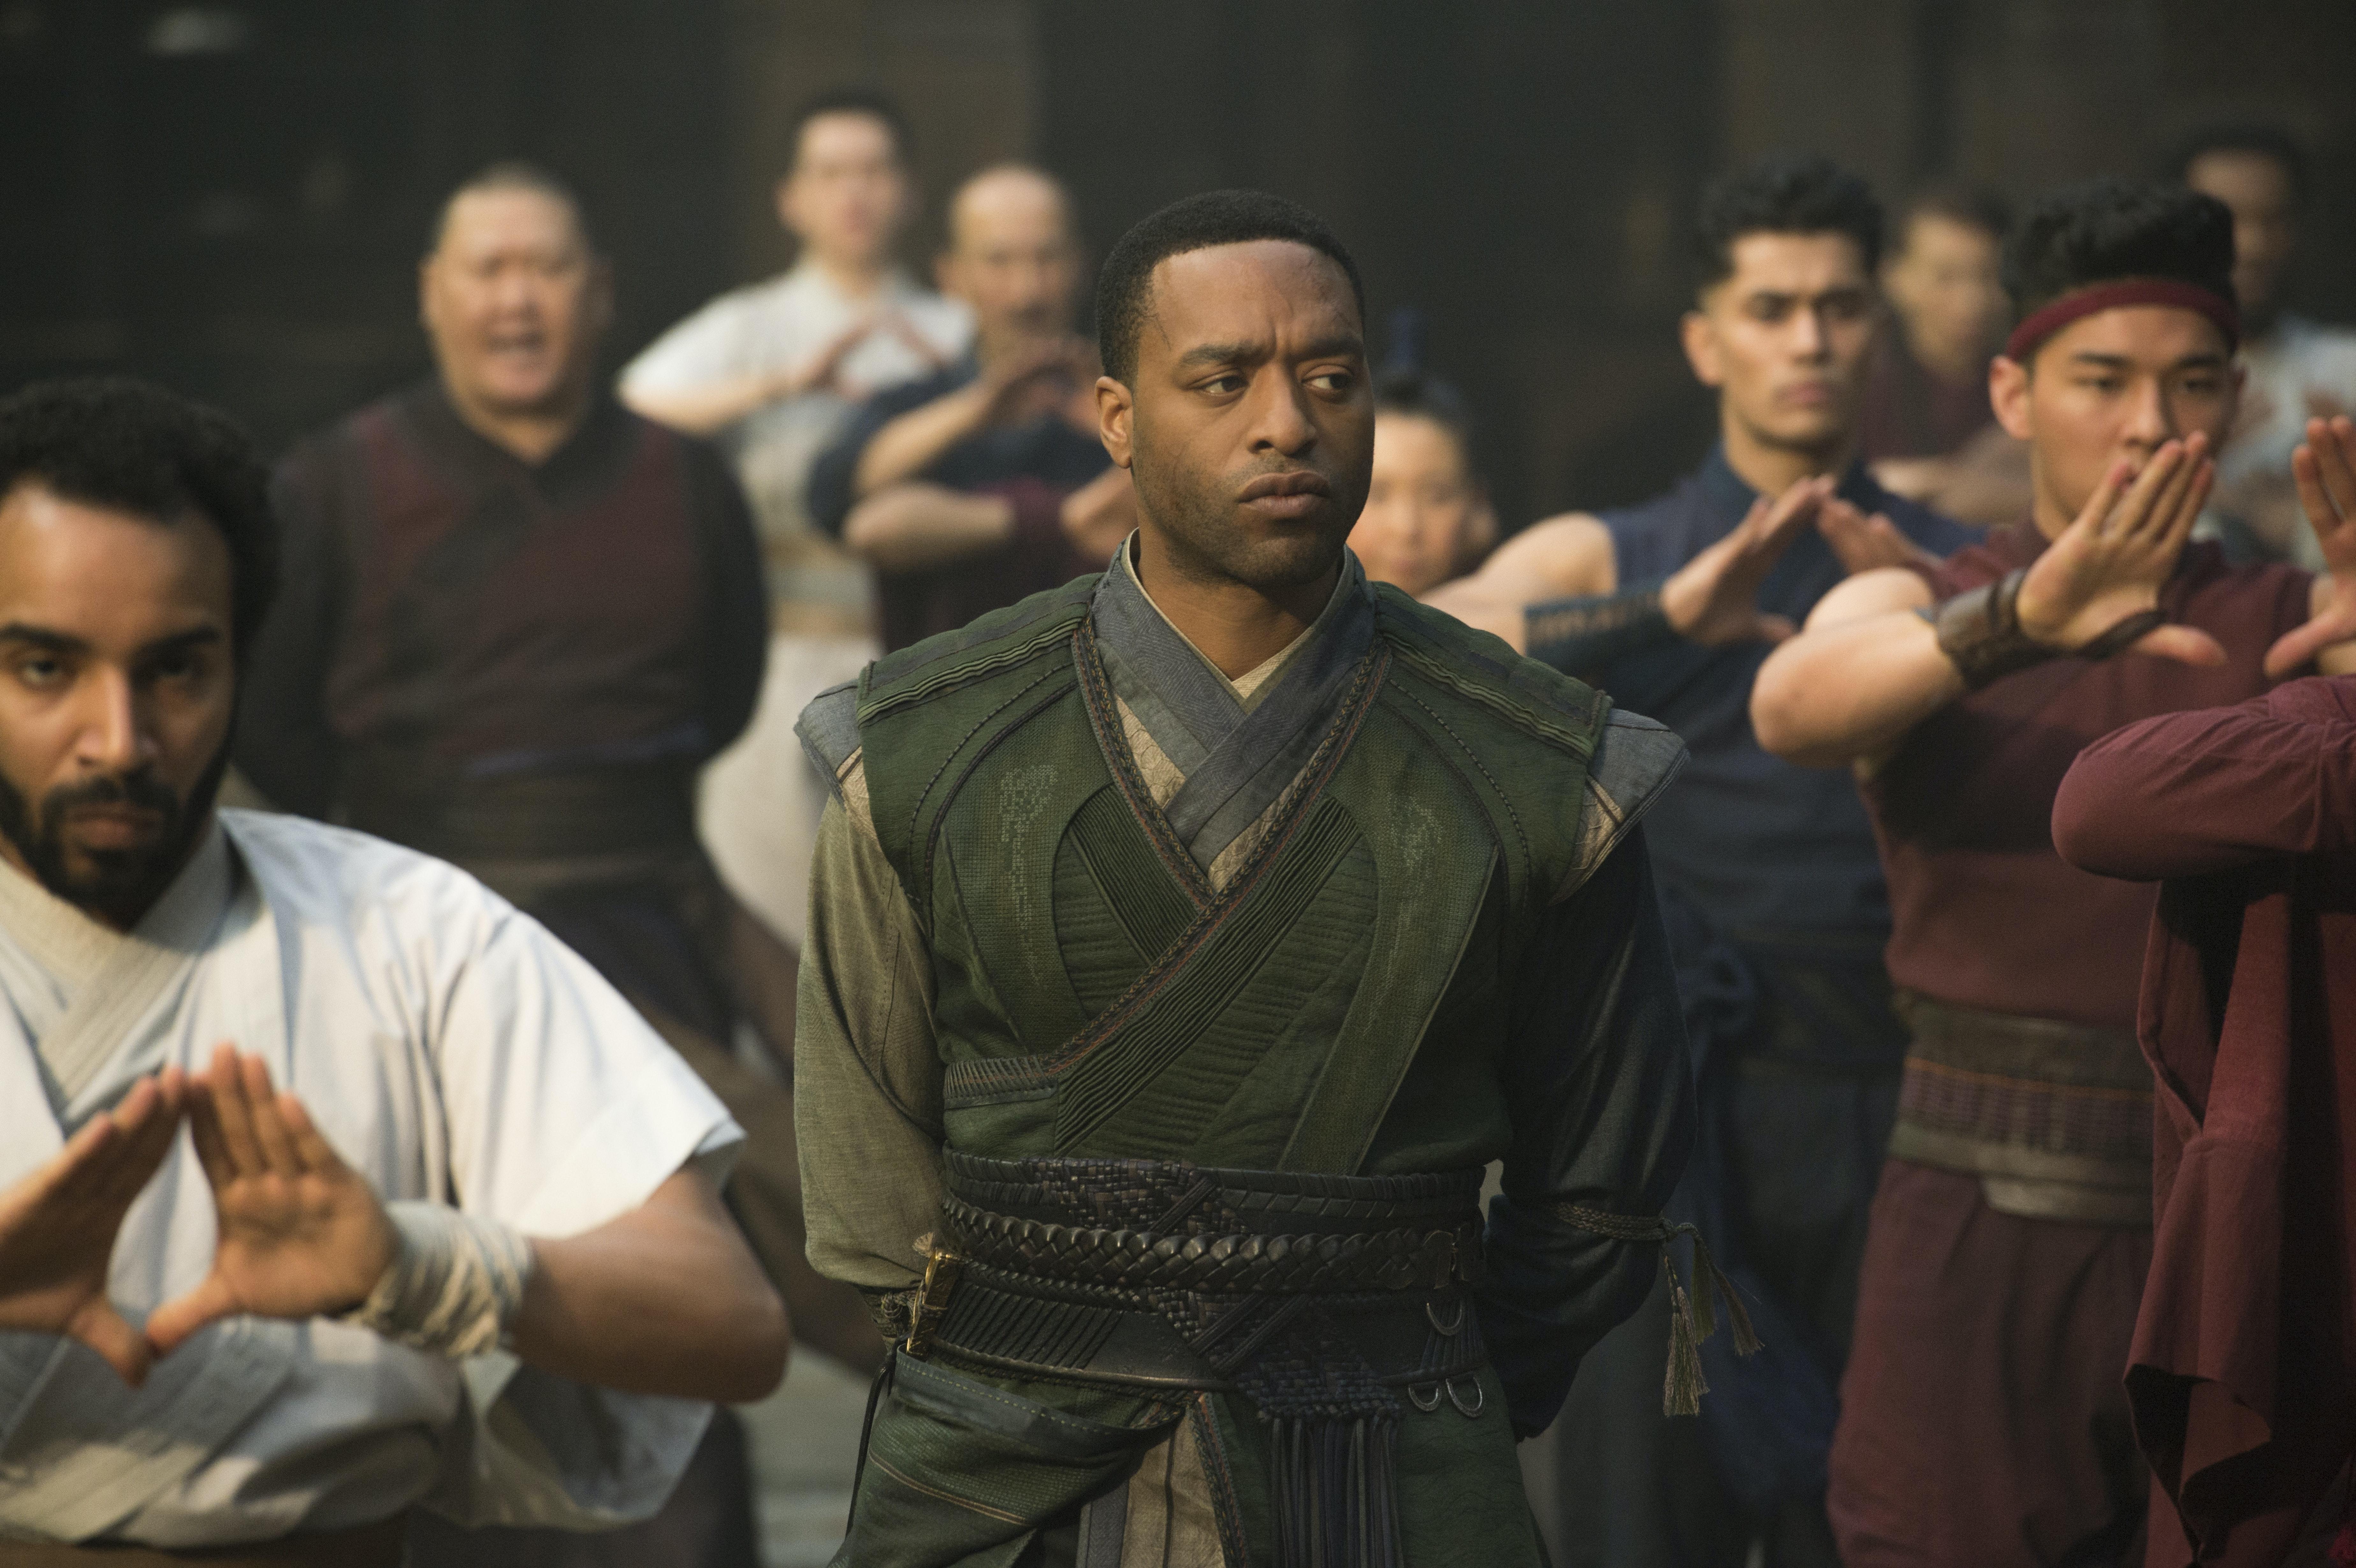 Chiwetel Ejiofor as Karl Mordo